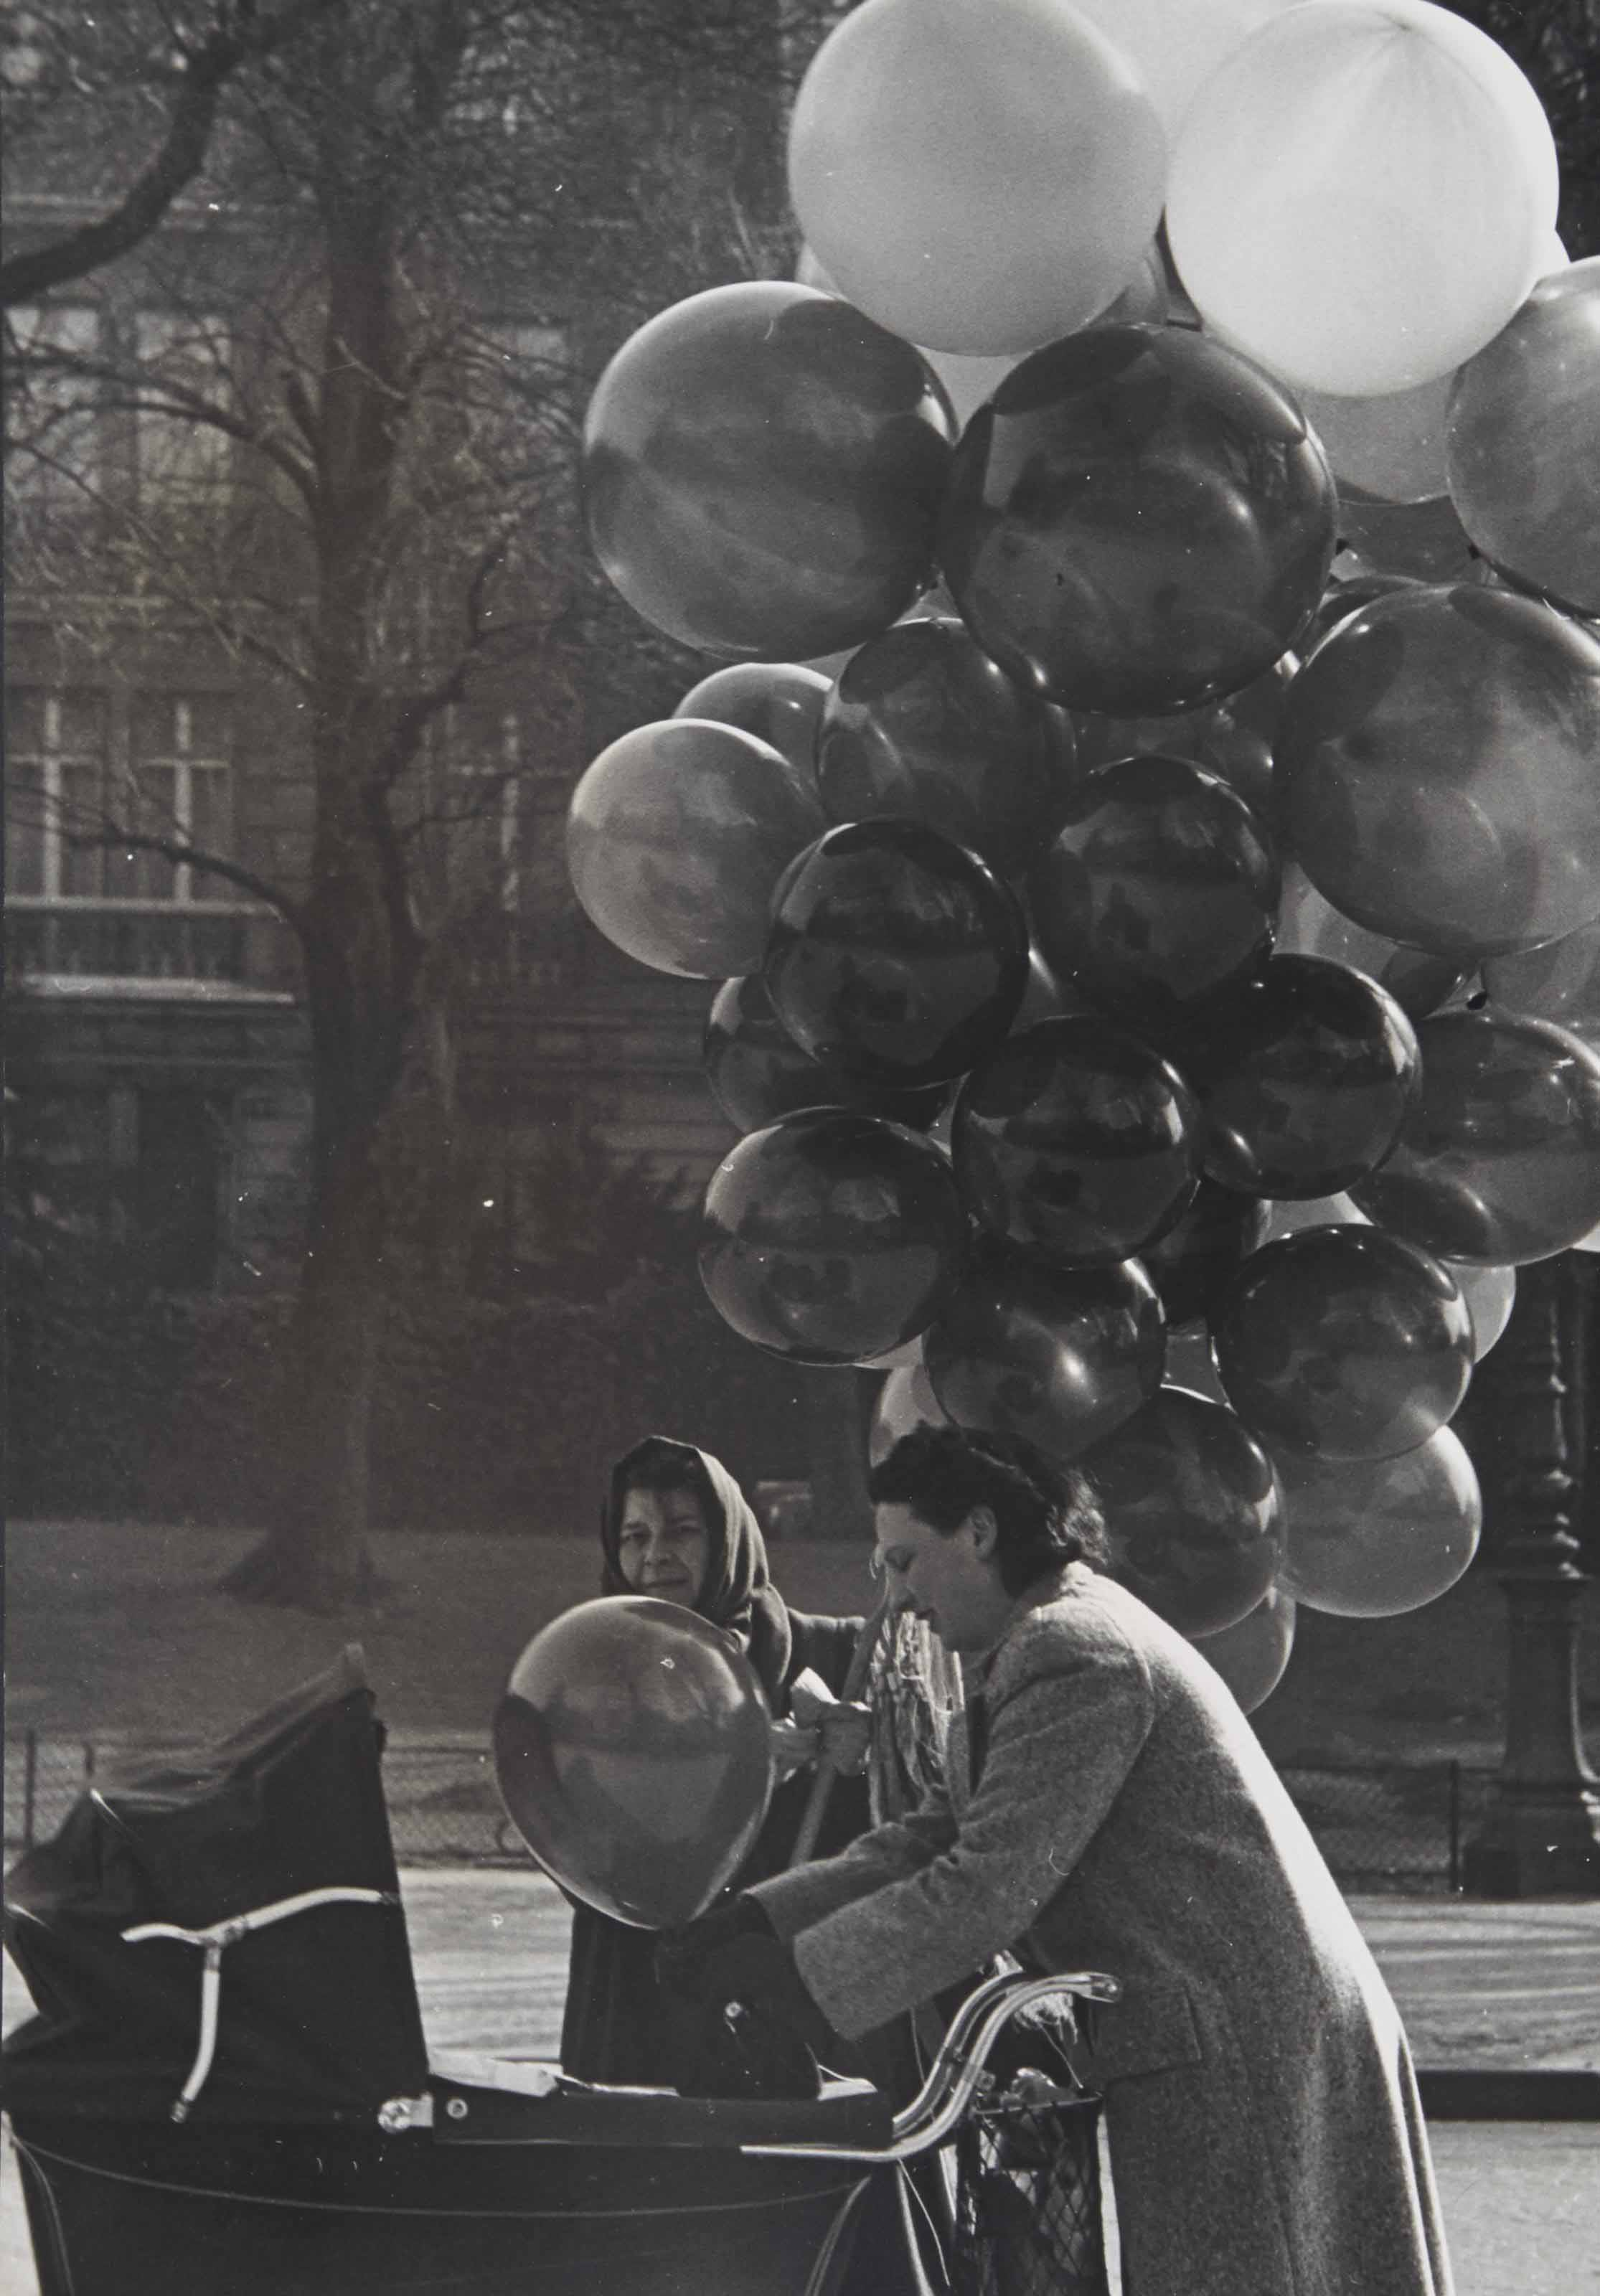 Vendeuse de ballons, Paris, vers 1950